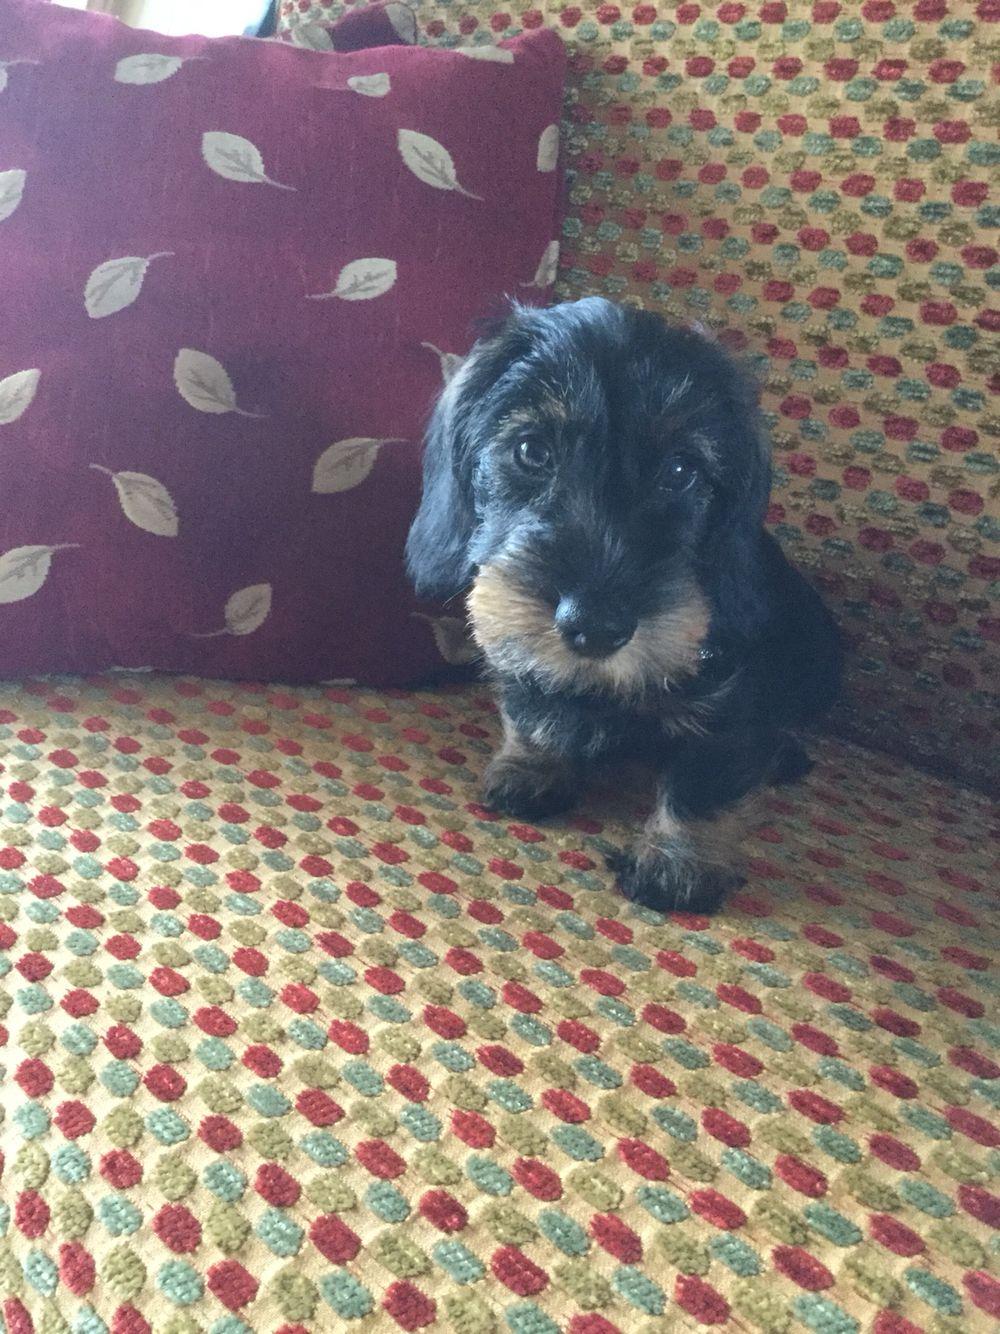 Wirehaired dachshund puppy love..